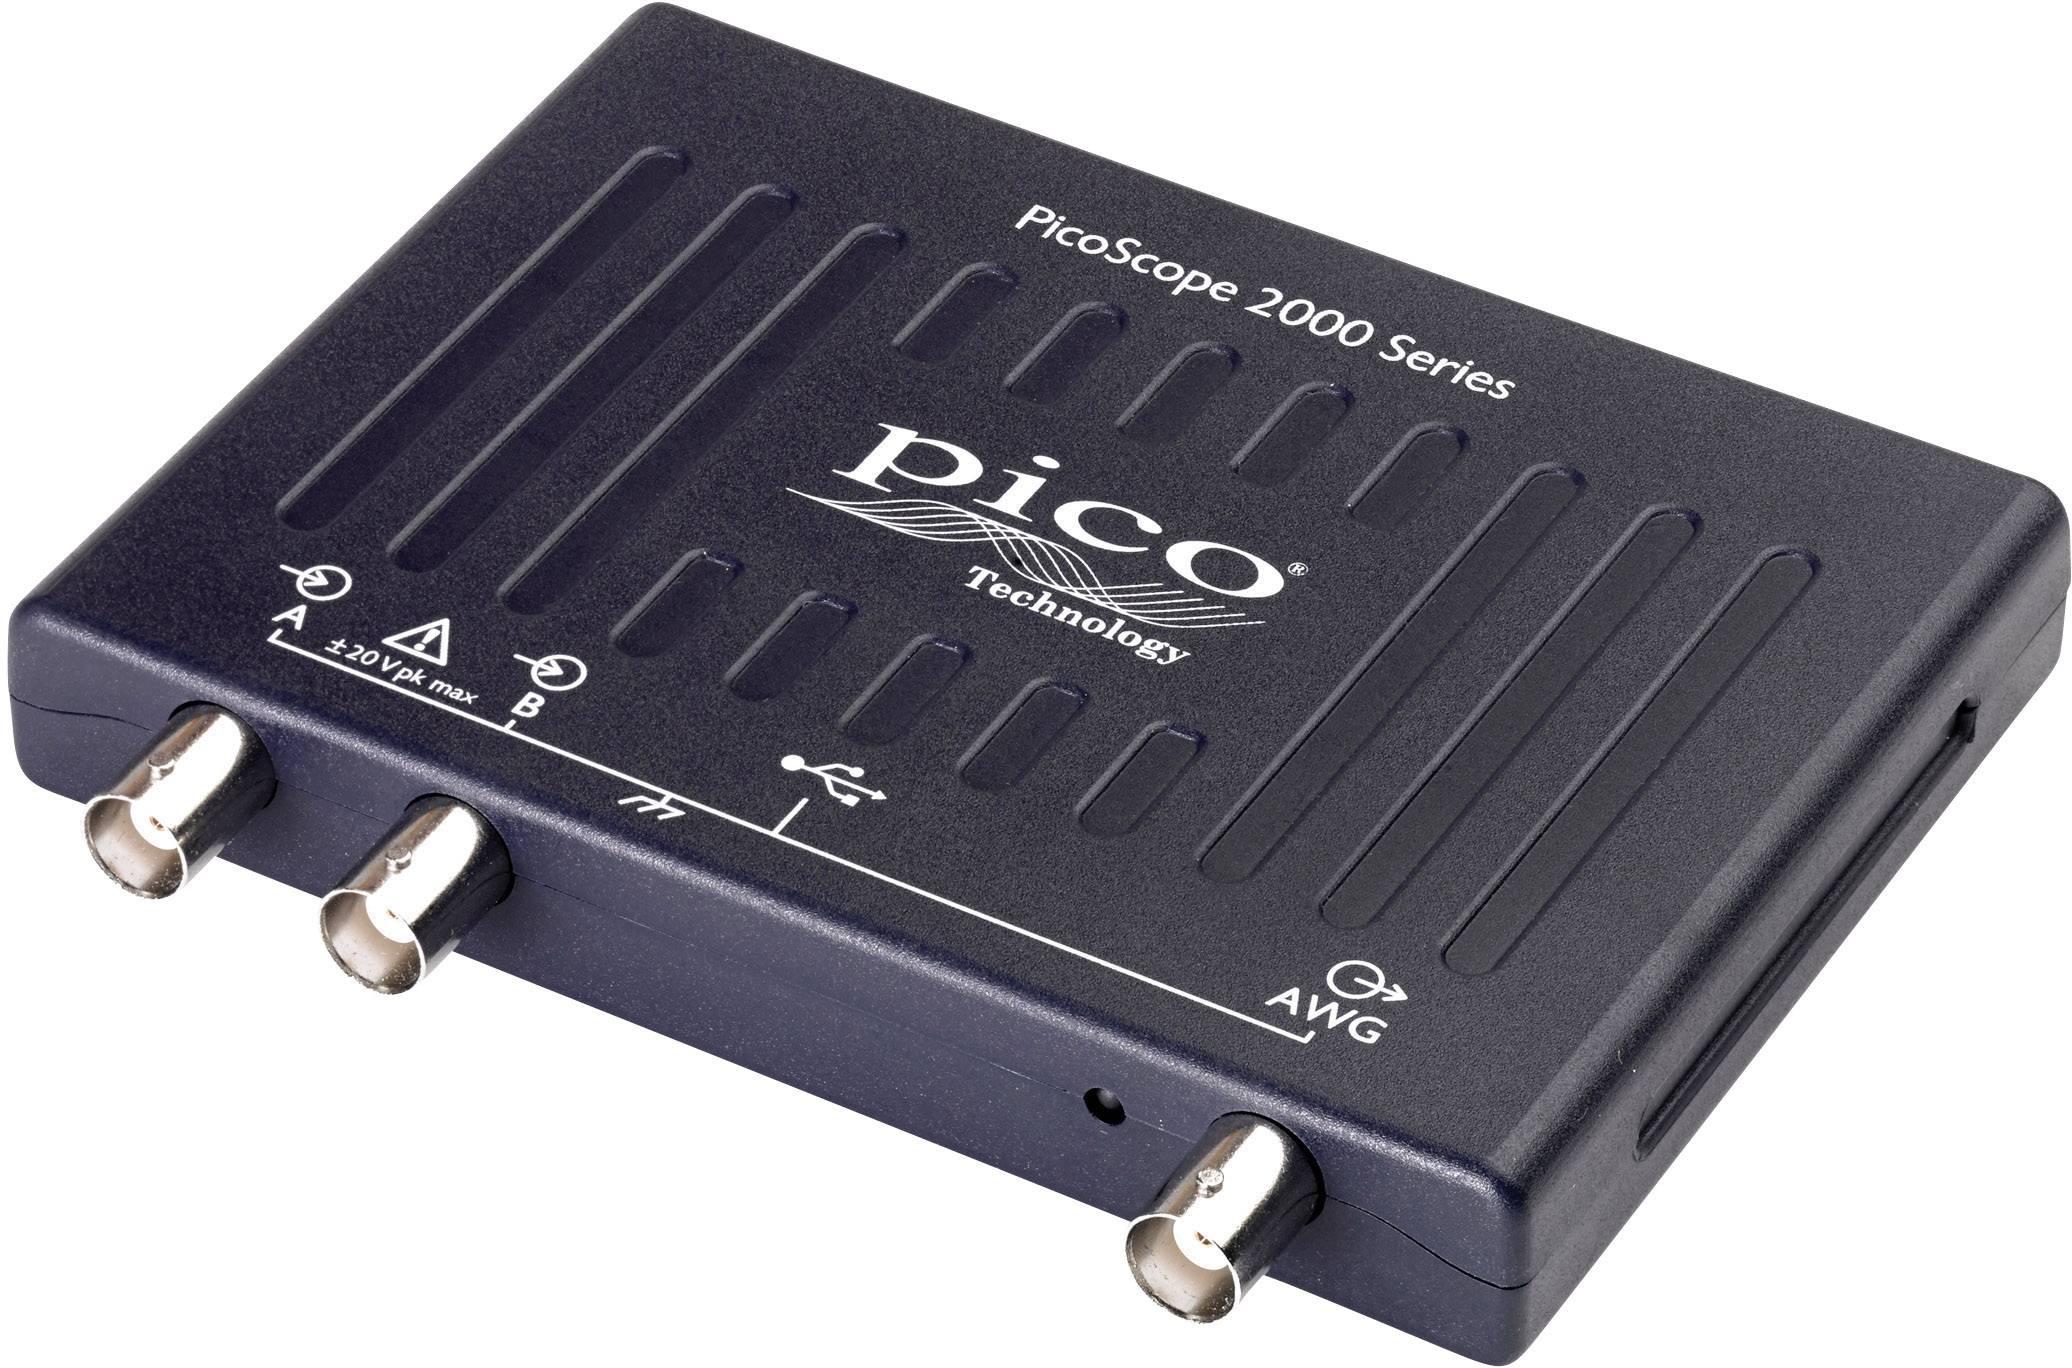 USB osciloskop pico 2206B, 50 MHz, 2kanálová